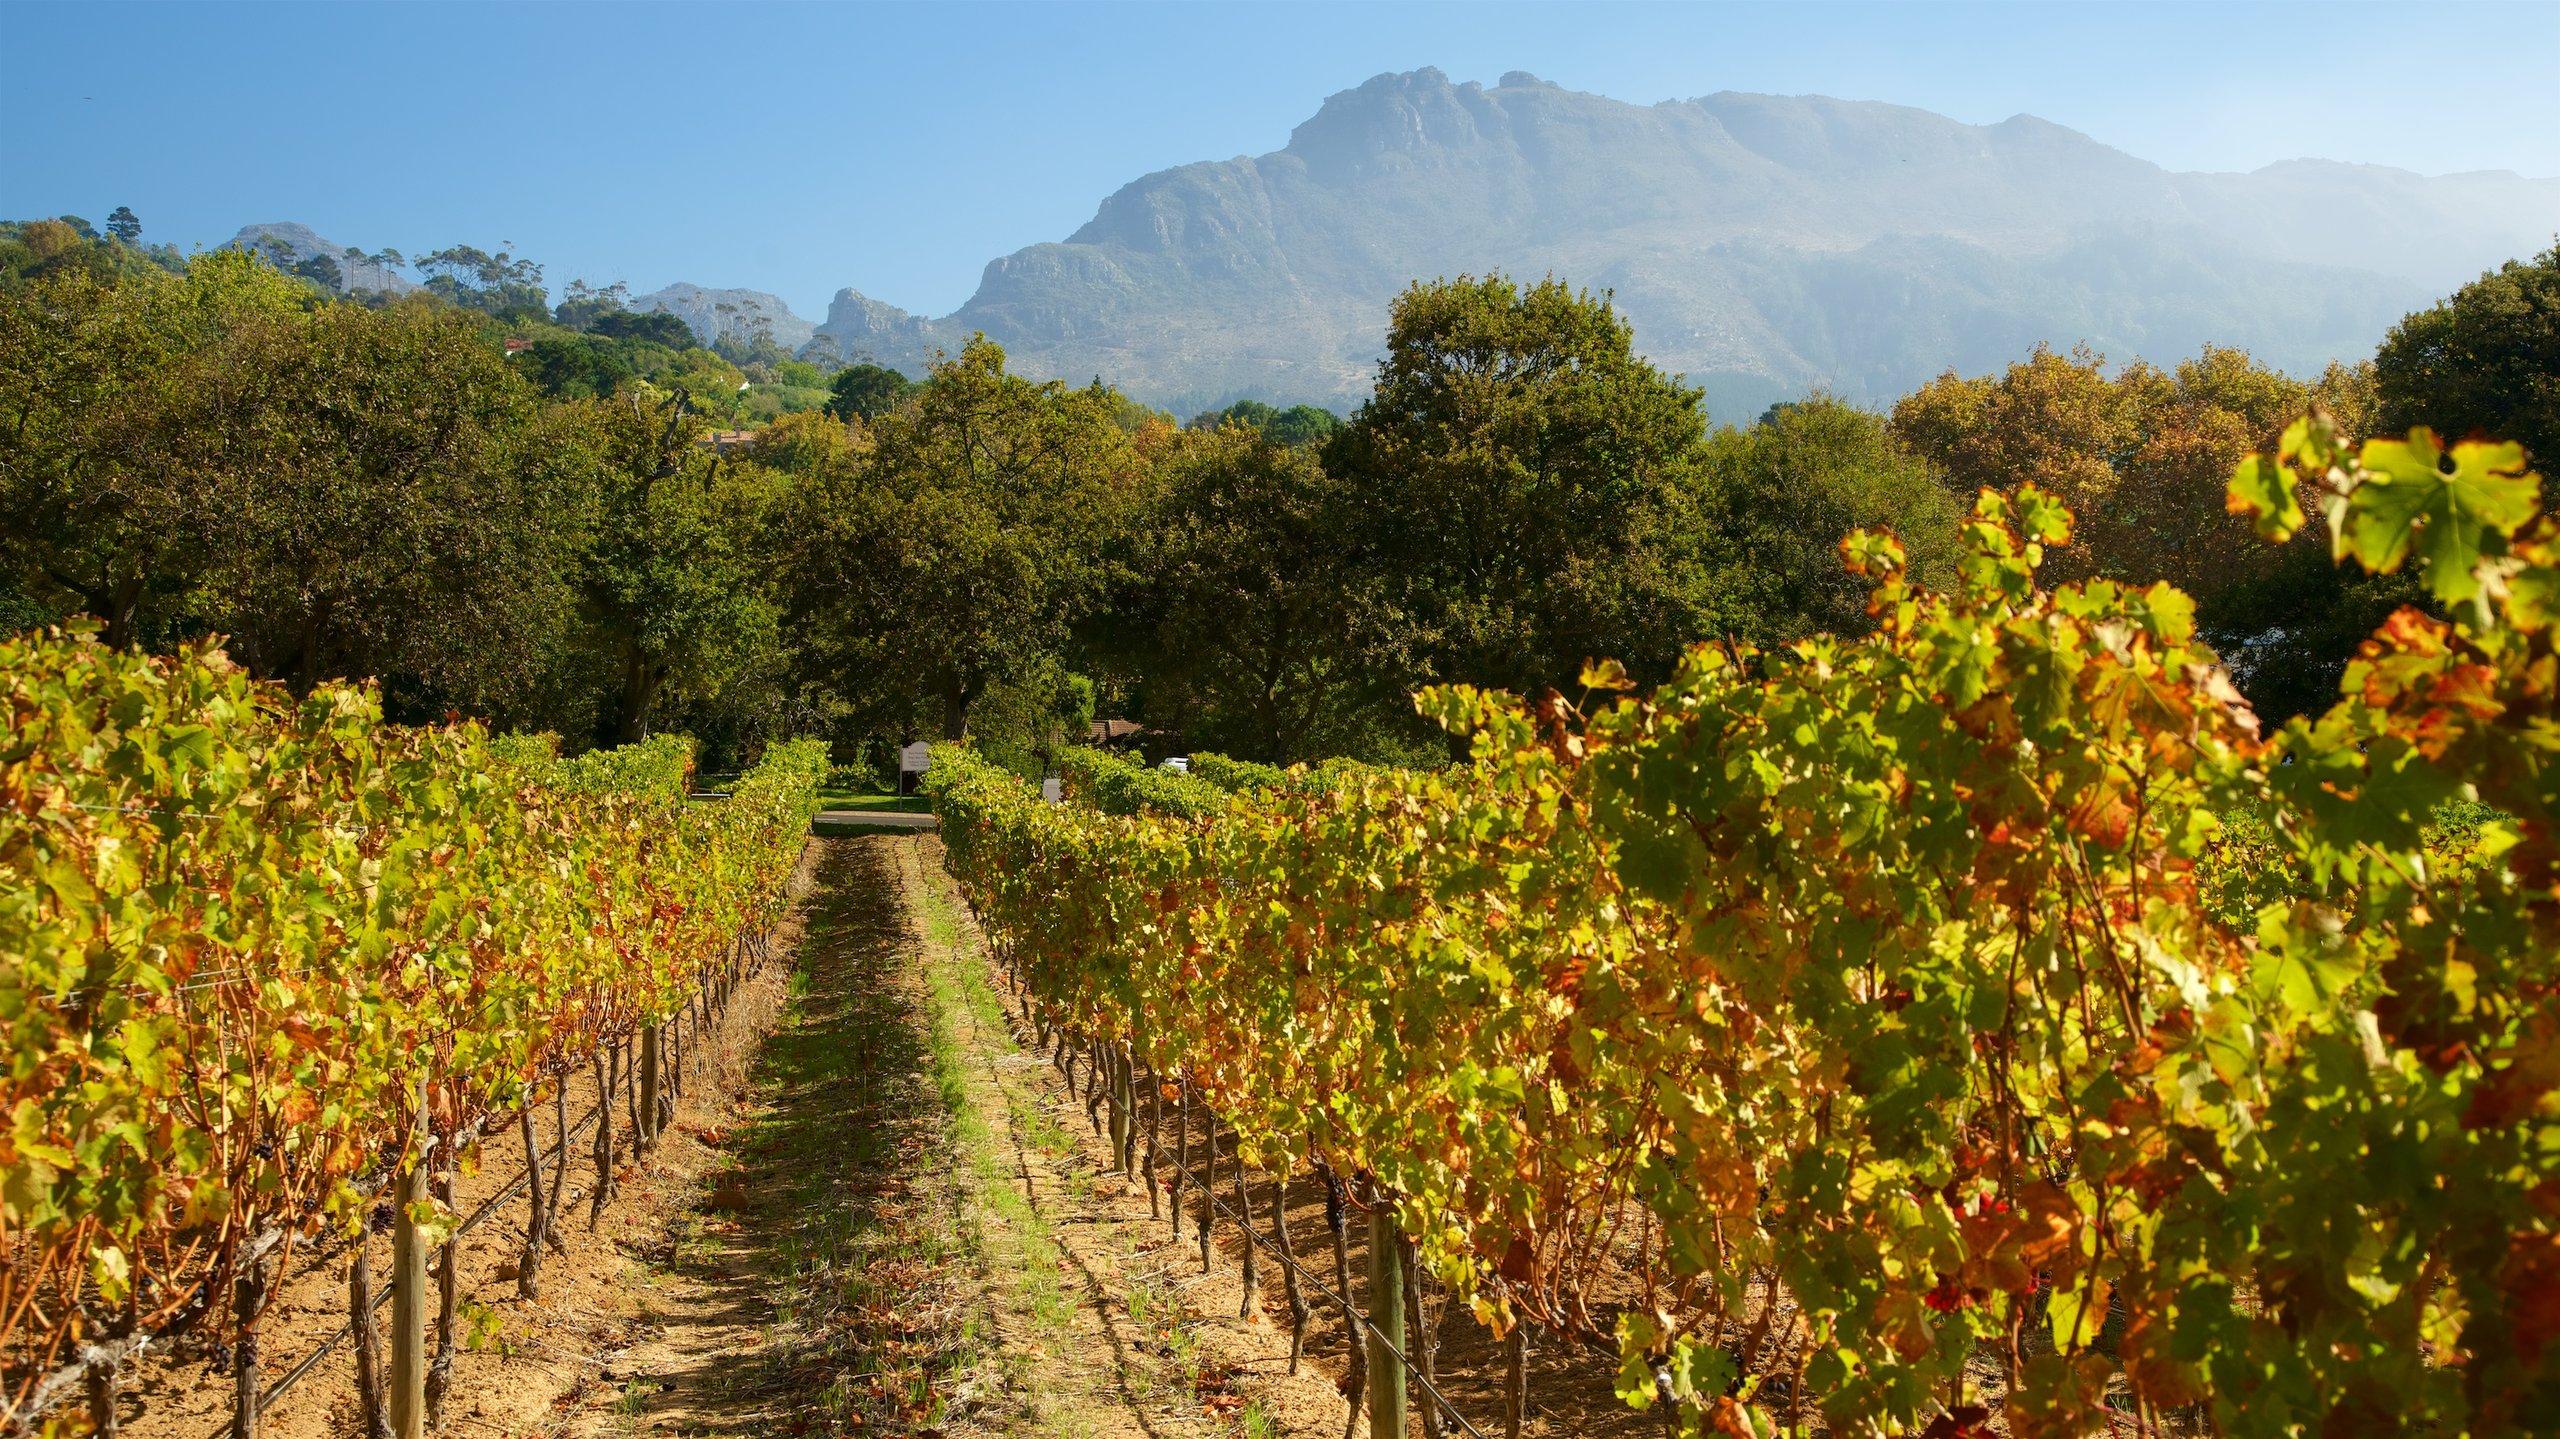 Wijnmakerij Groot Constantia, Kaapstad, Westkaap (provincie), Zuid-Afrika